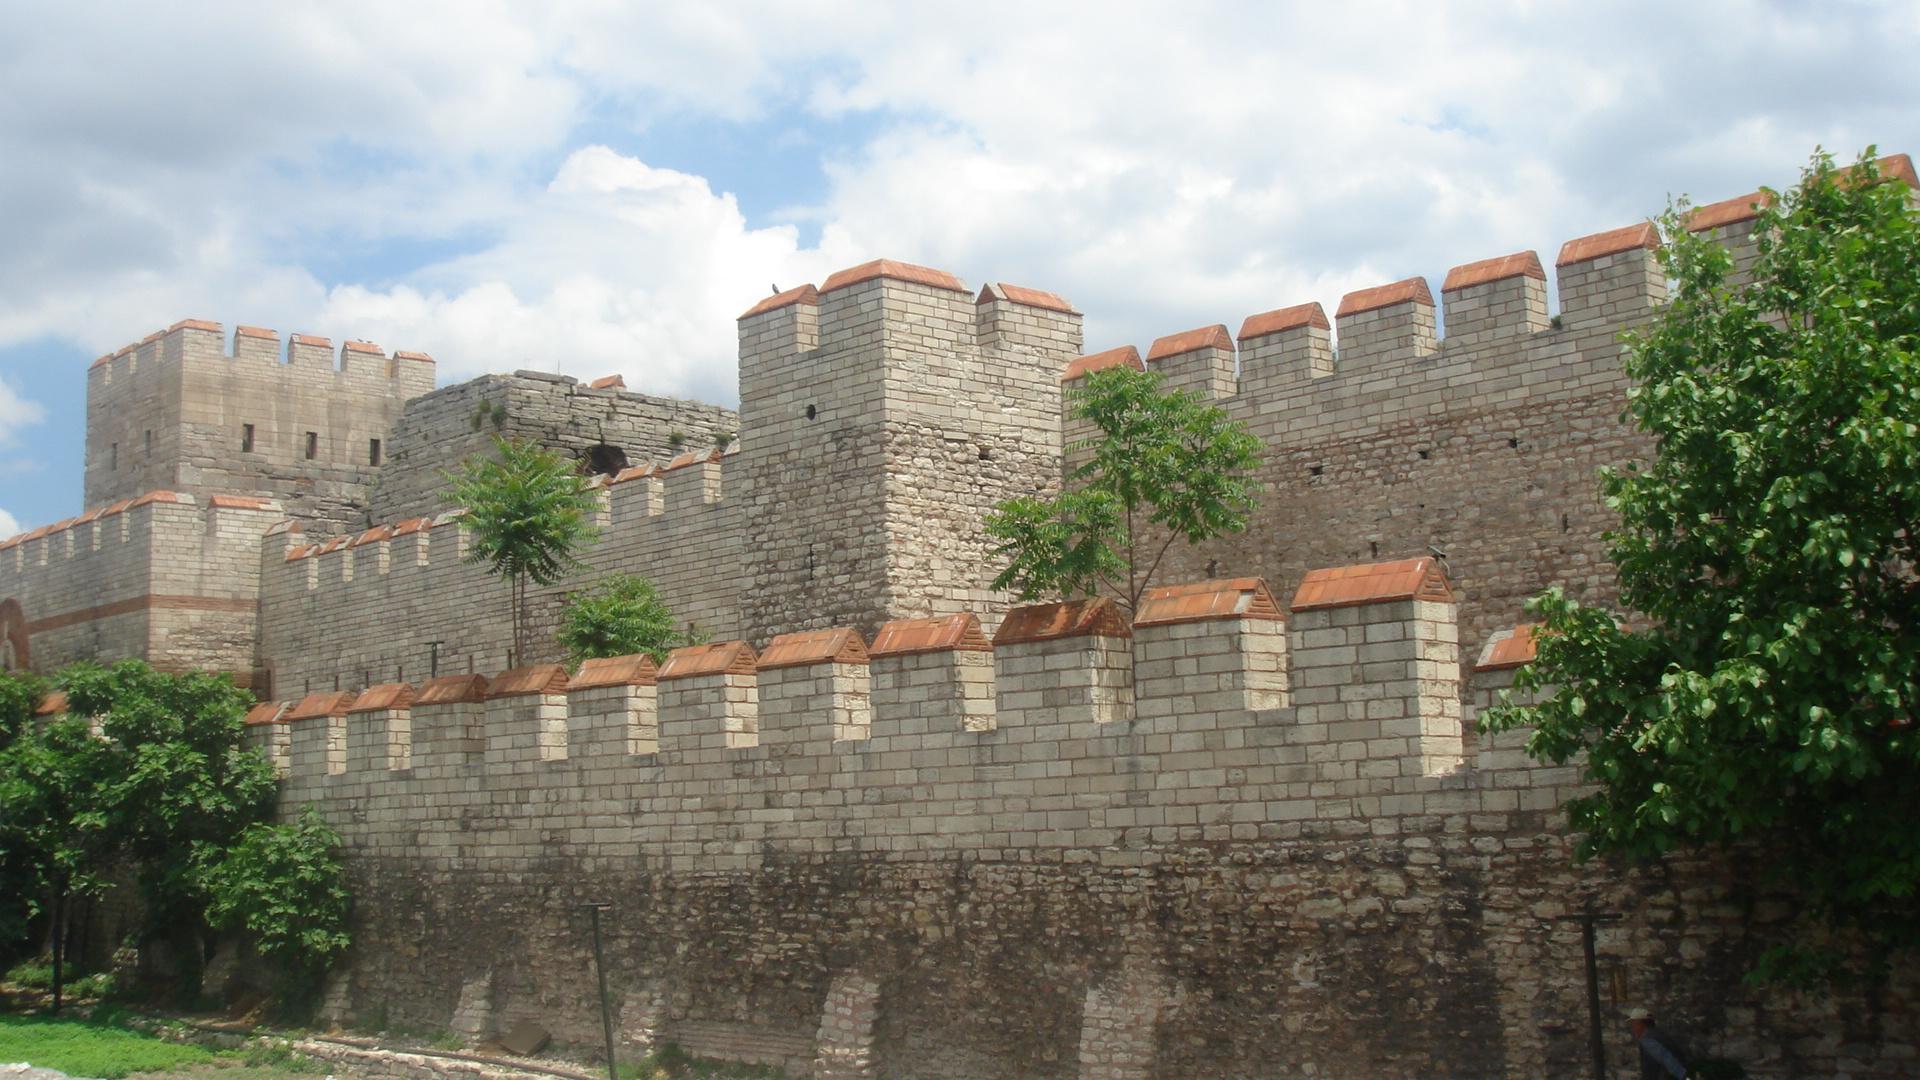 أسوار القسطنطينية